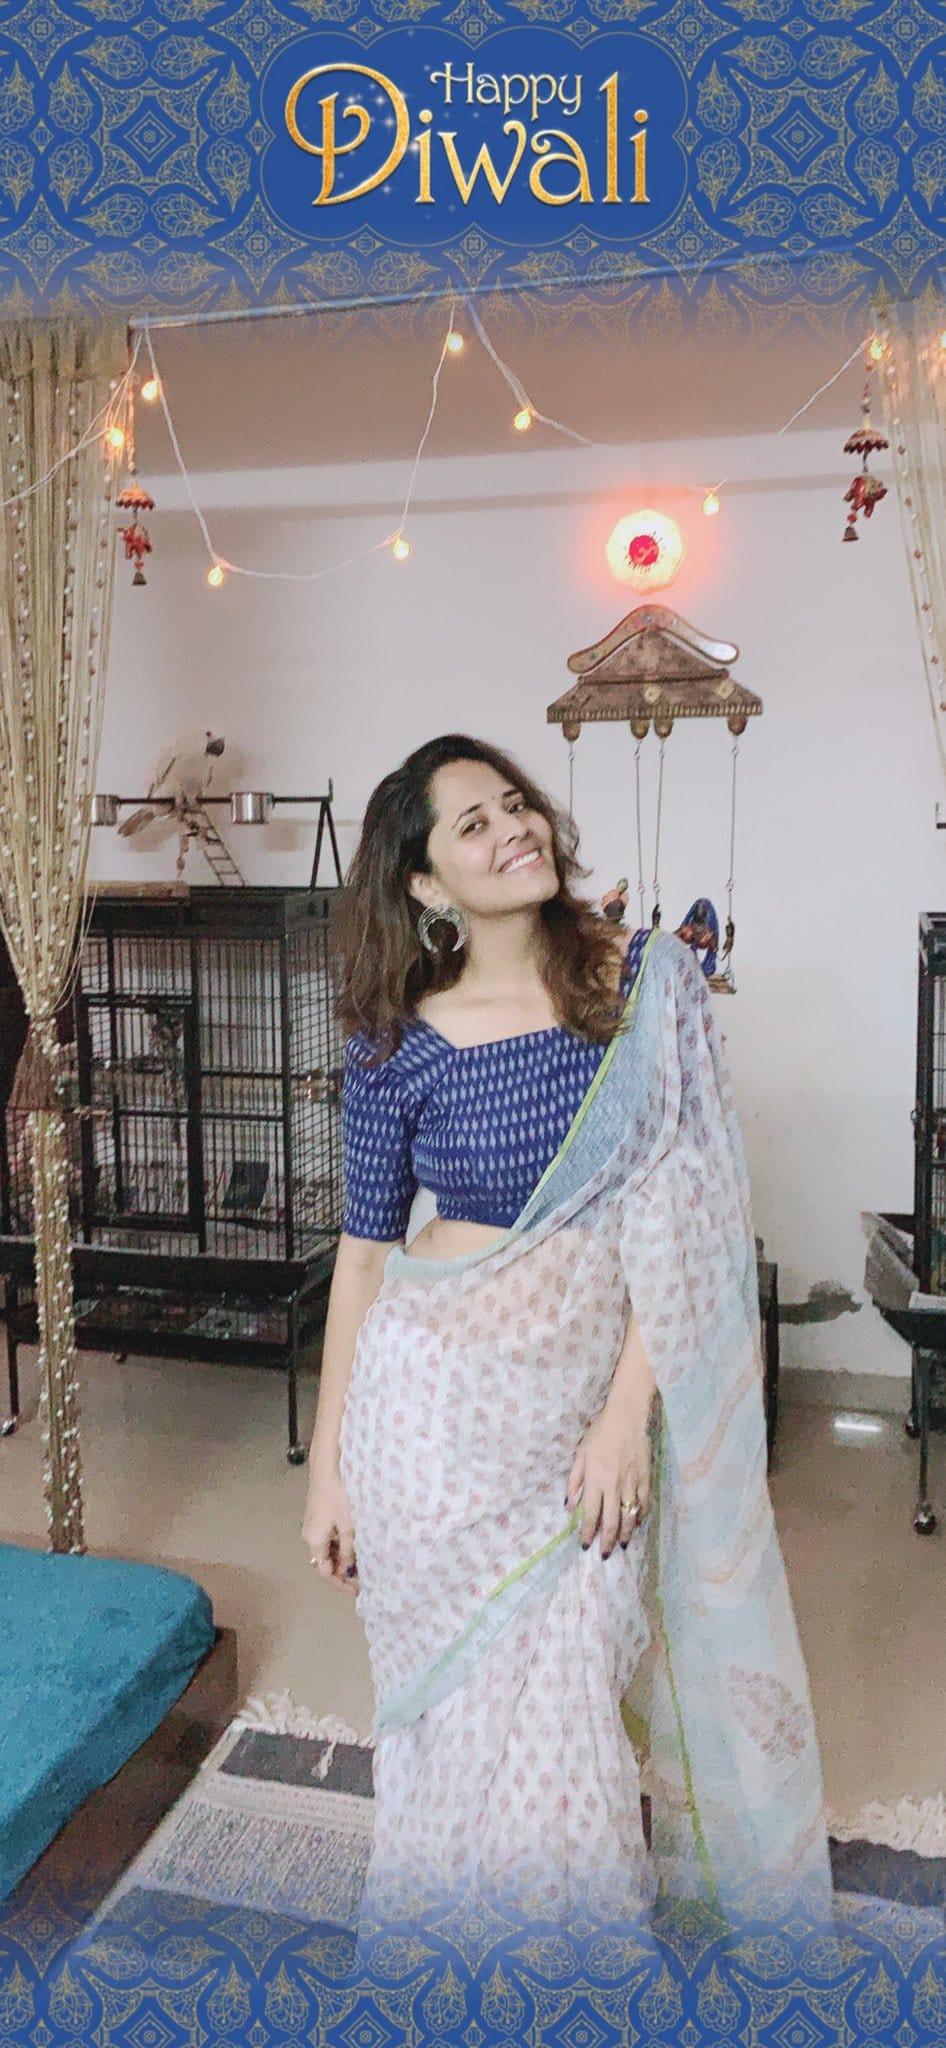 జబర్ధస్త్ యాంకర్ అనసూయ భరద్వాజ్ లేటెస్ట్ ఫోటోలు (Photo:Instagram)